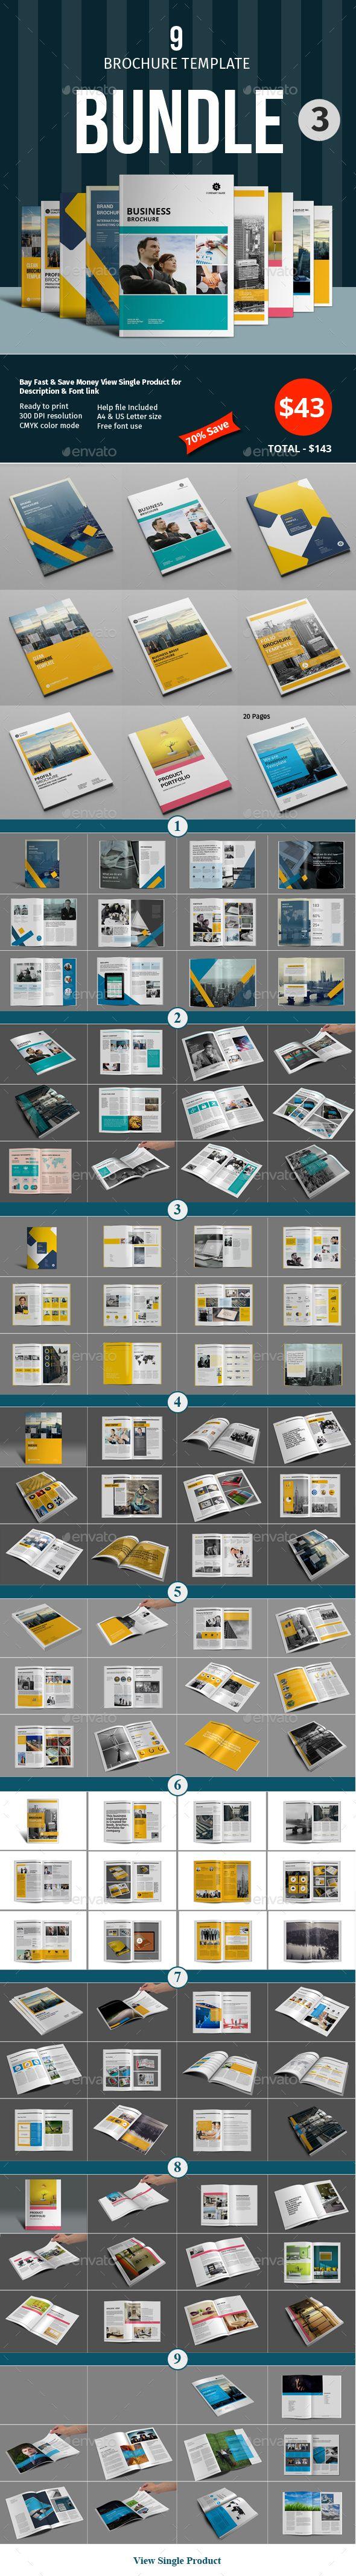 Brochure Template Bundle - InDesign INDD